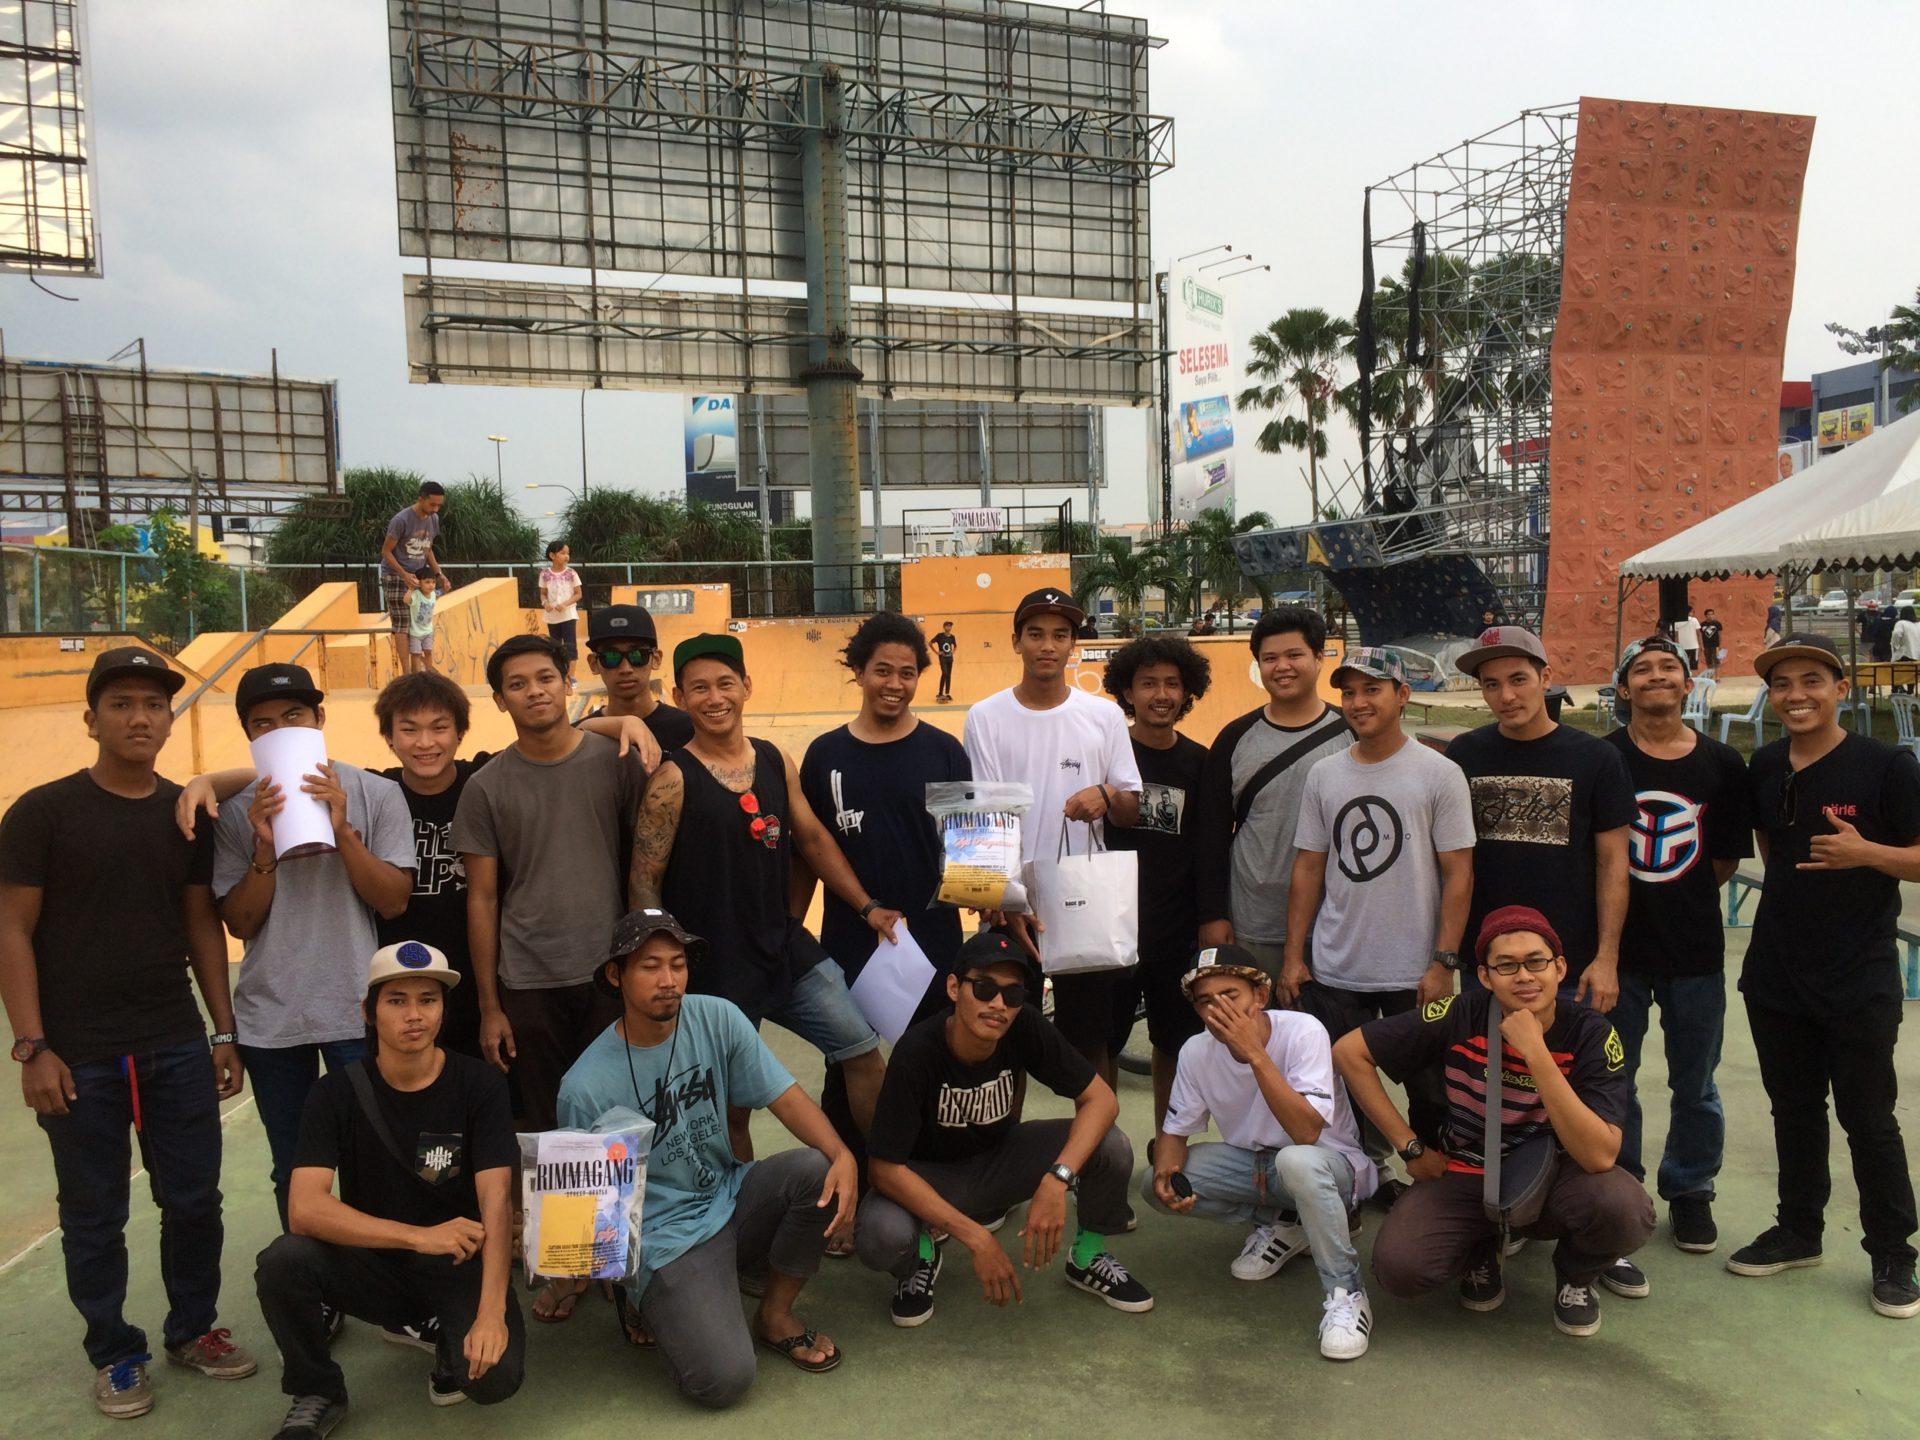 Photo 31-07-2016, 17 55 26